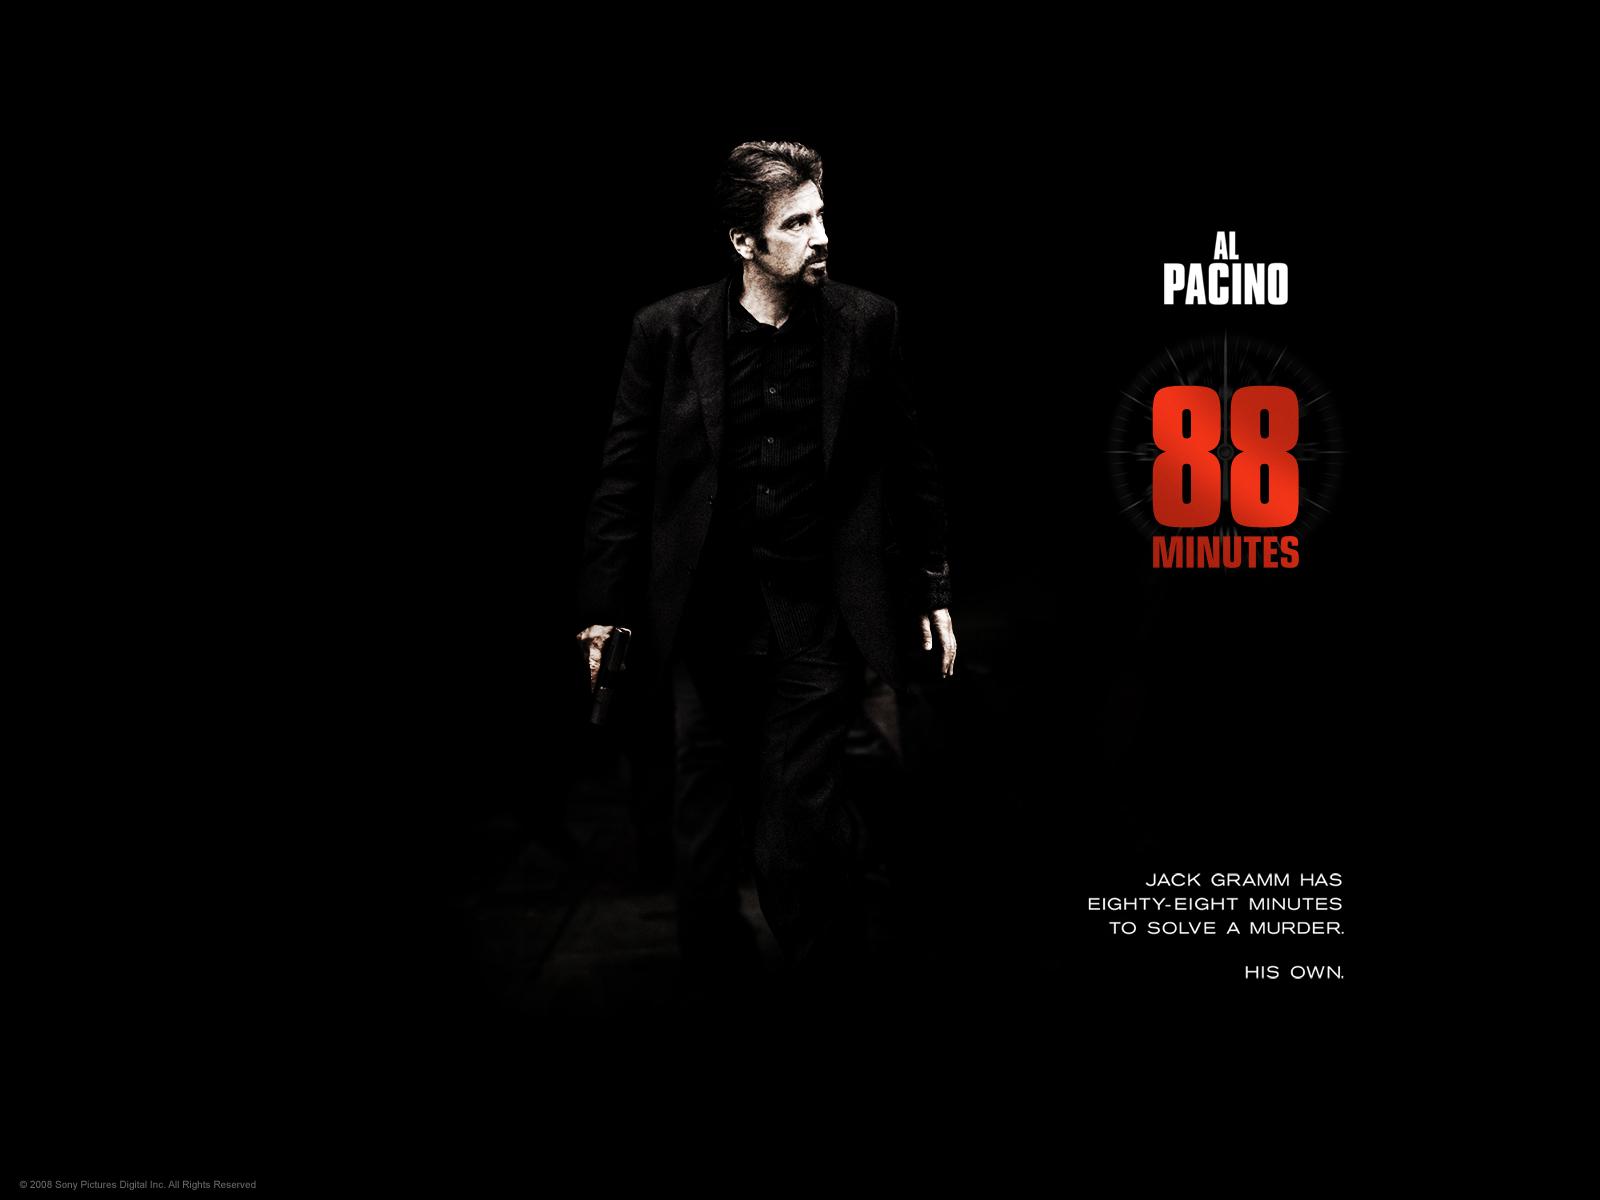 88_Minutes,_2008,_Al_Pacino